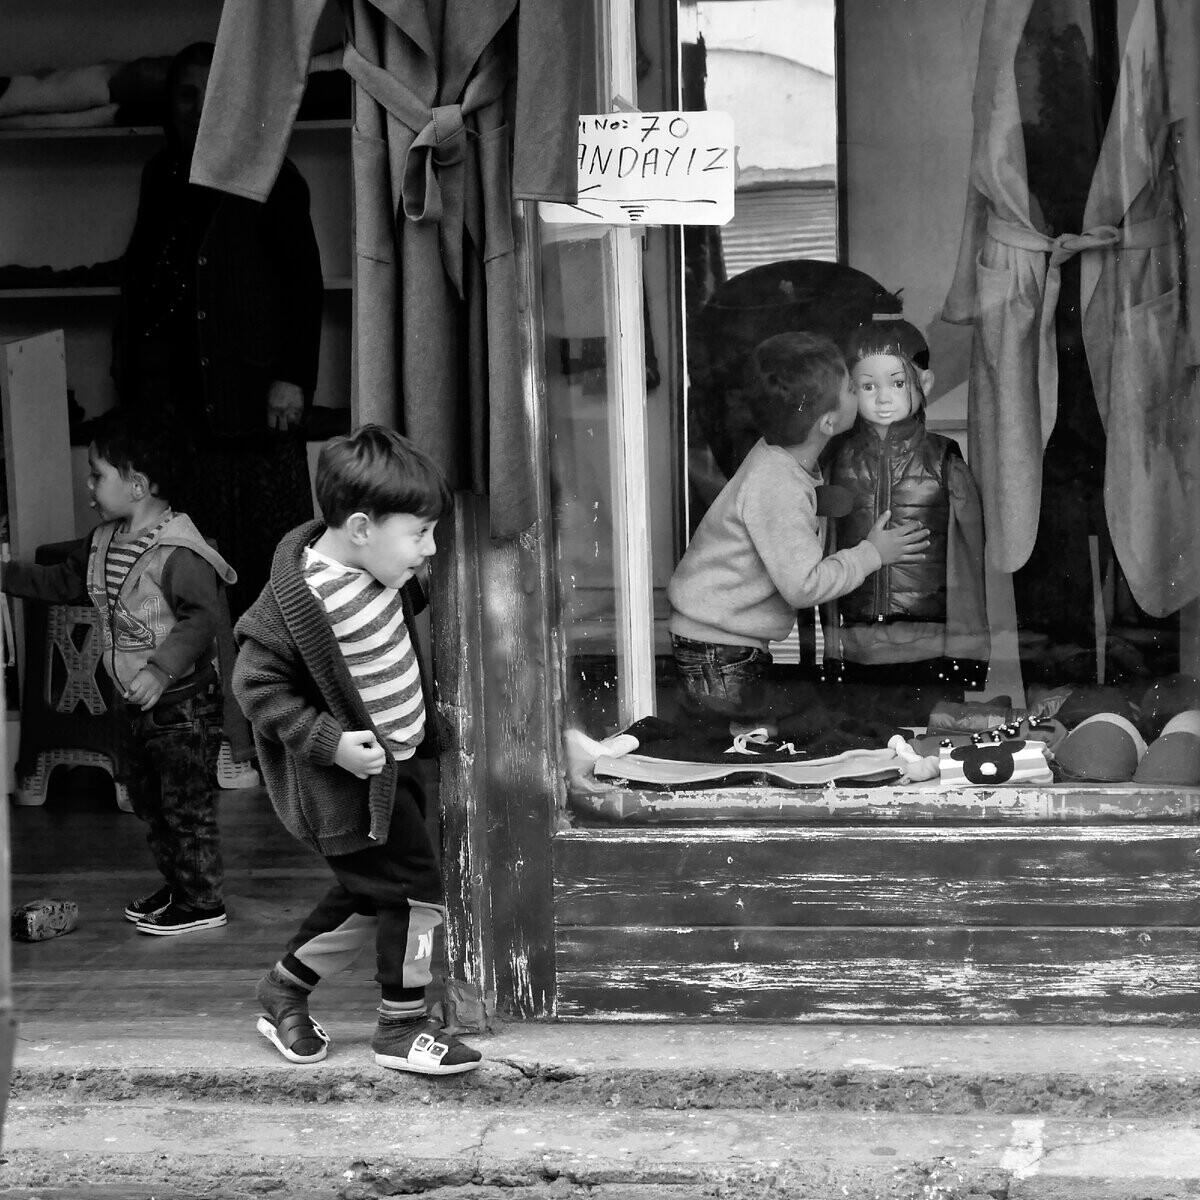 Никосия, Кипр, 2018. Фотограф Борис Назаренко